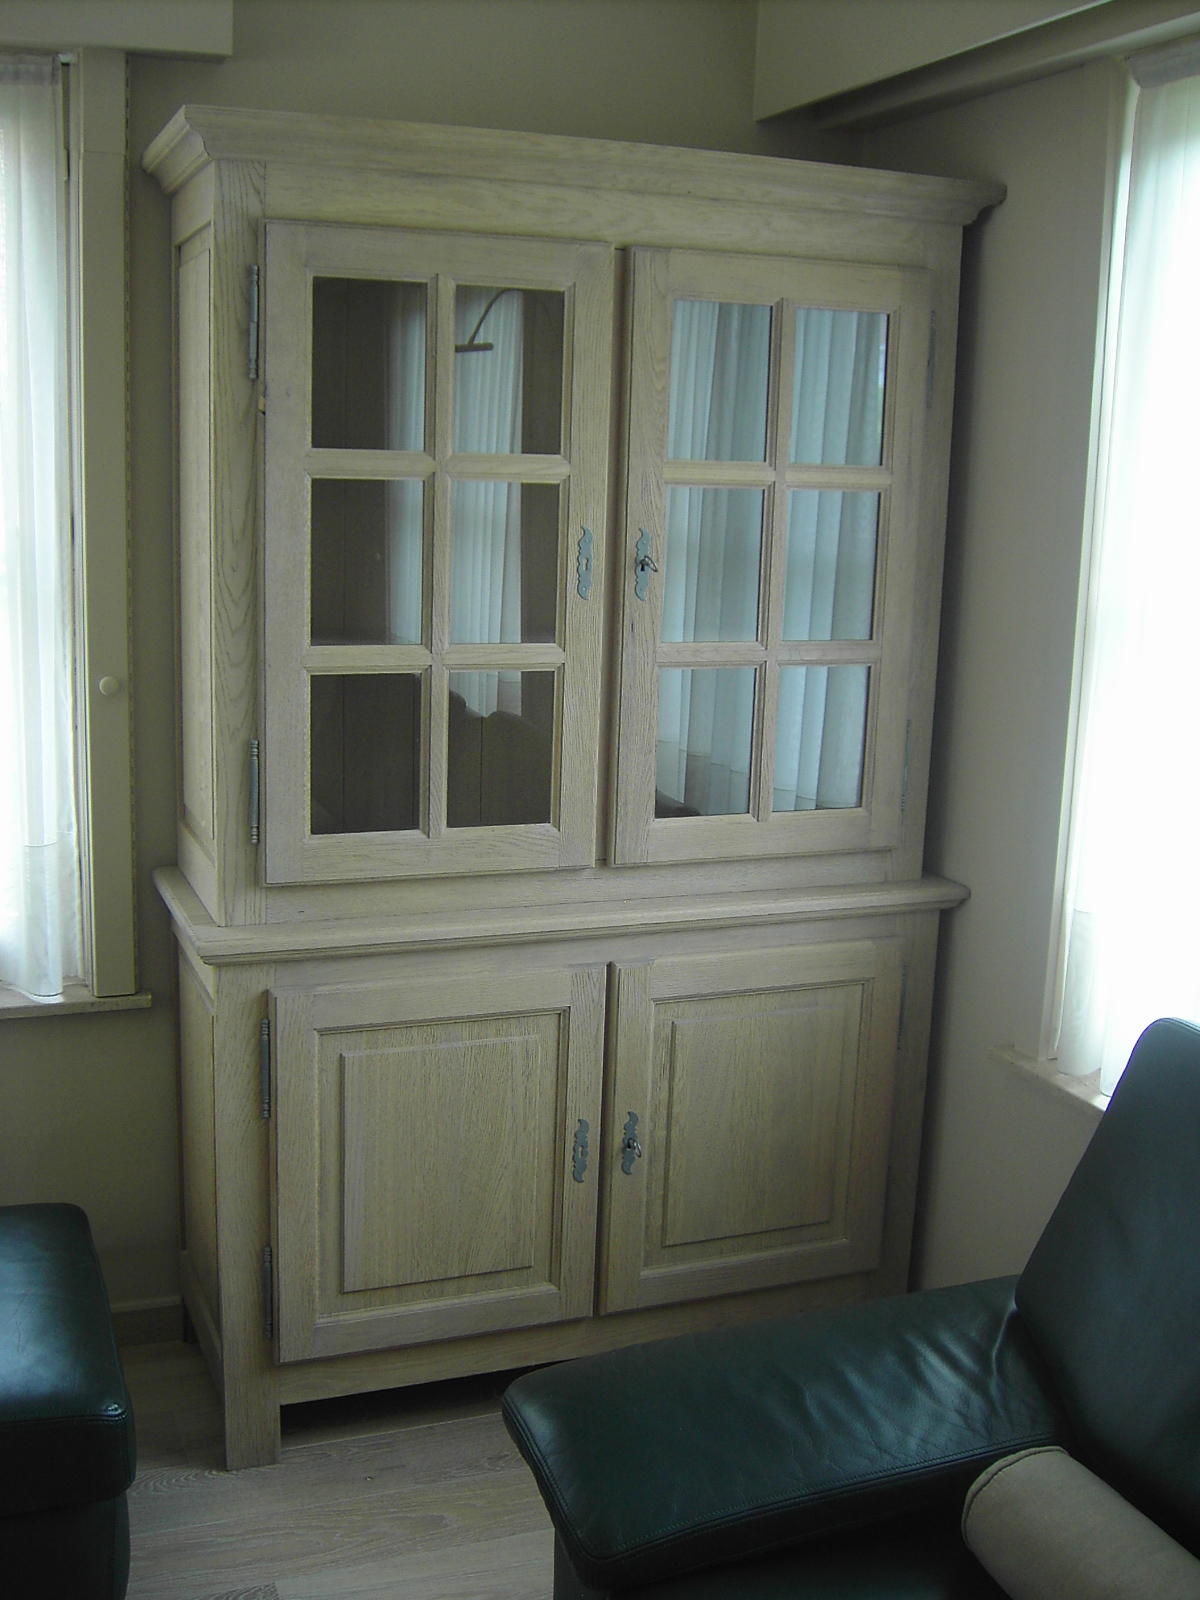 #36505B22349276 Meubelrenovatie: Renovatie Eiken Meubelen (dressoir Tafel Vitrine  Van de bovenste plank Design Meubelen West Vlaanderen 1953 beeld 120016001953 Inspiratie